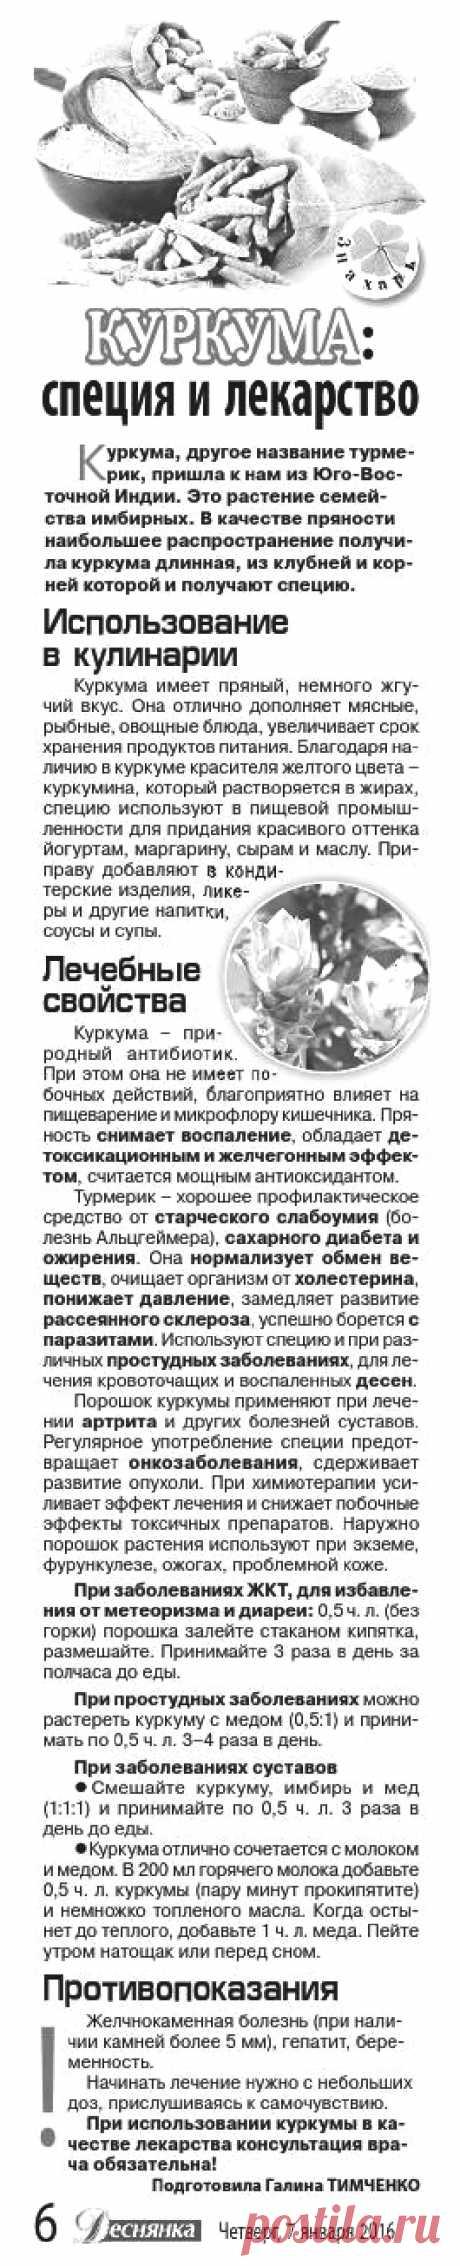 Куркума - специя и лекарство